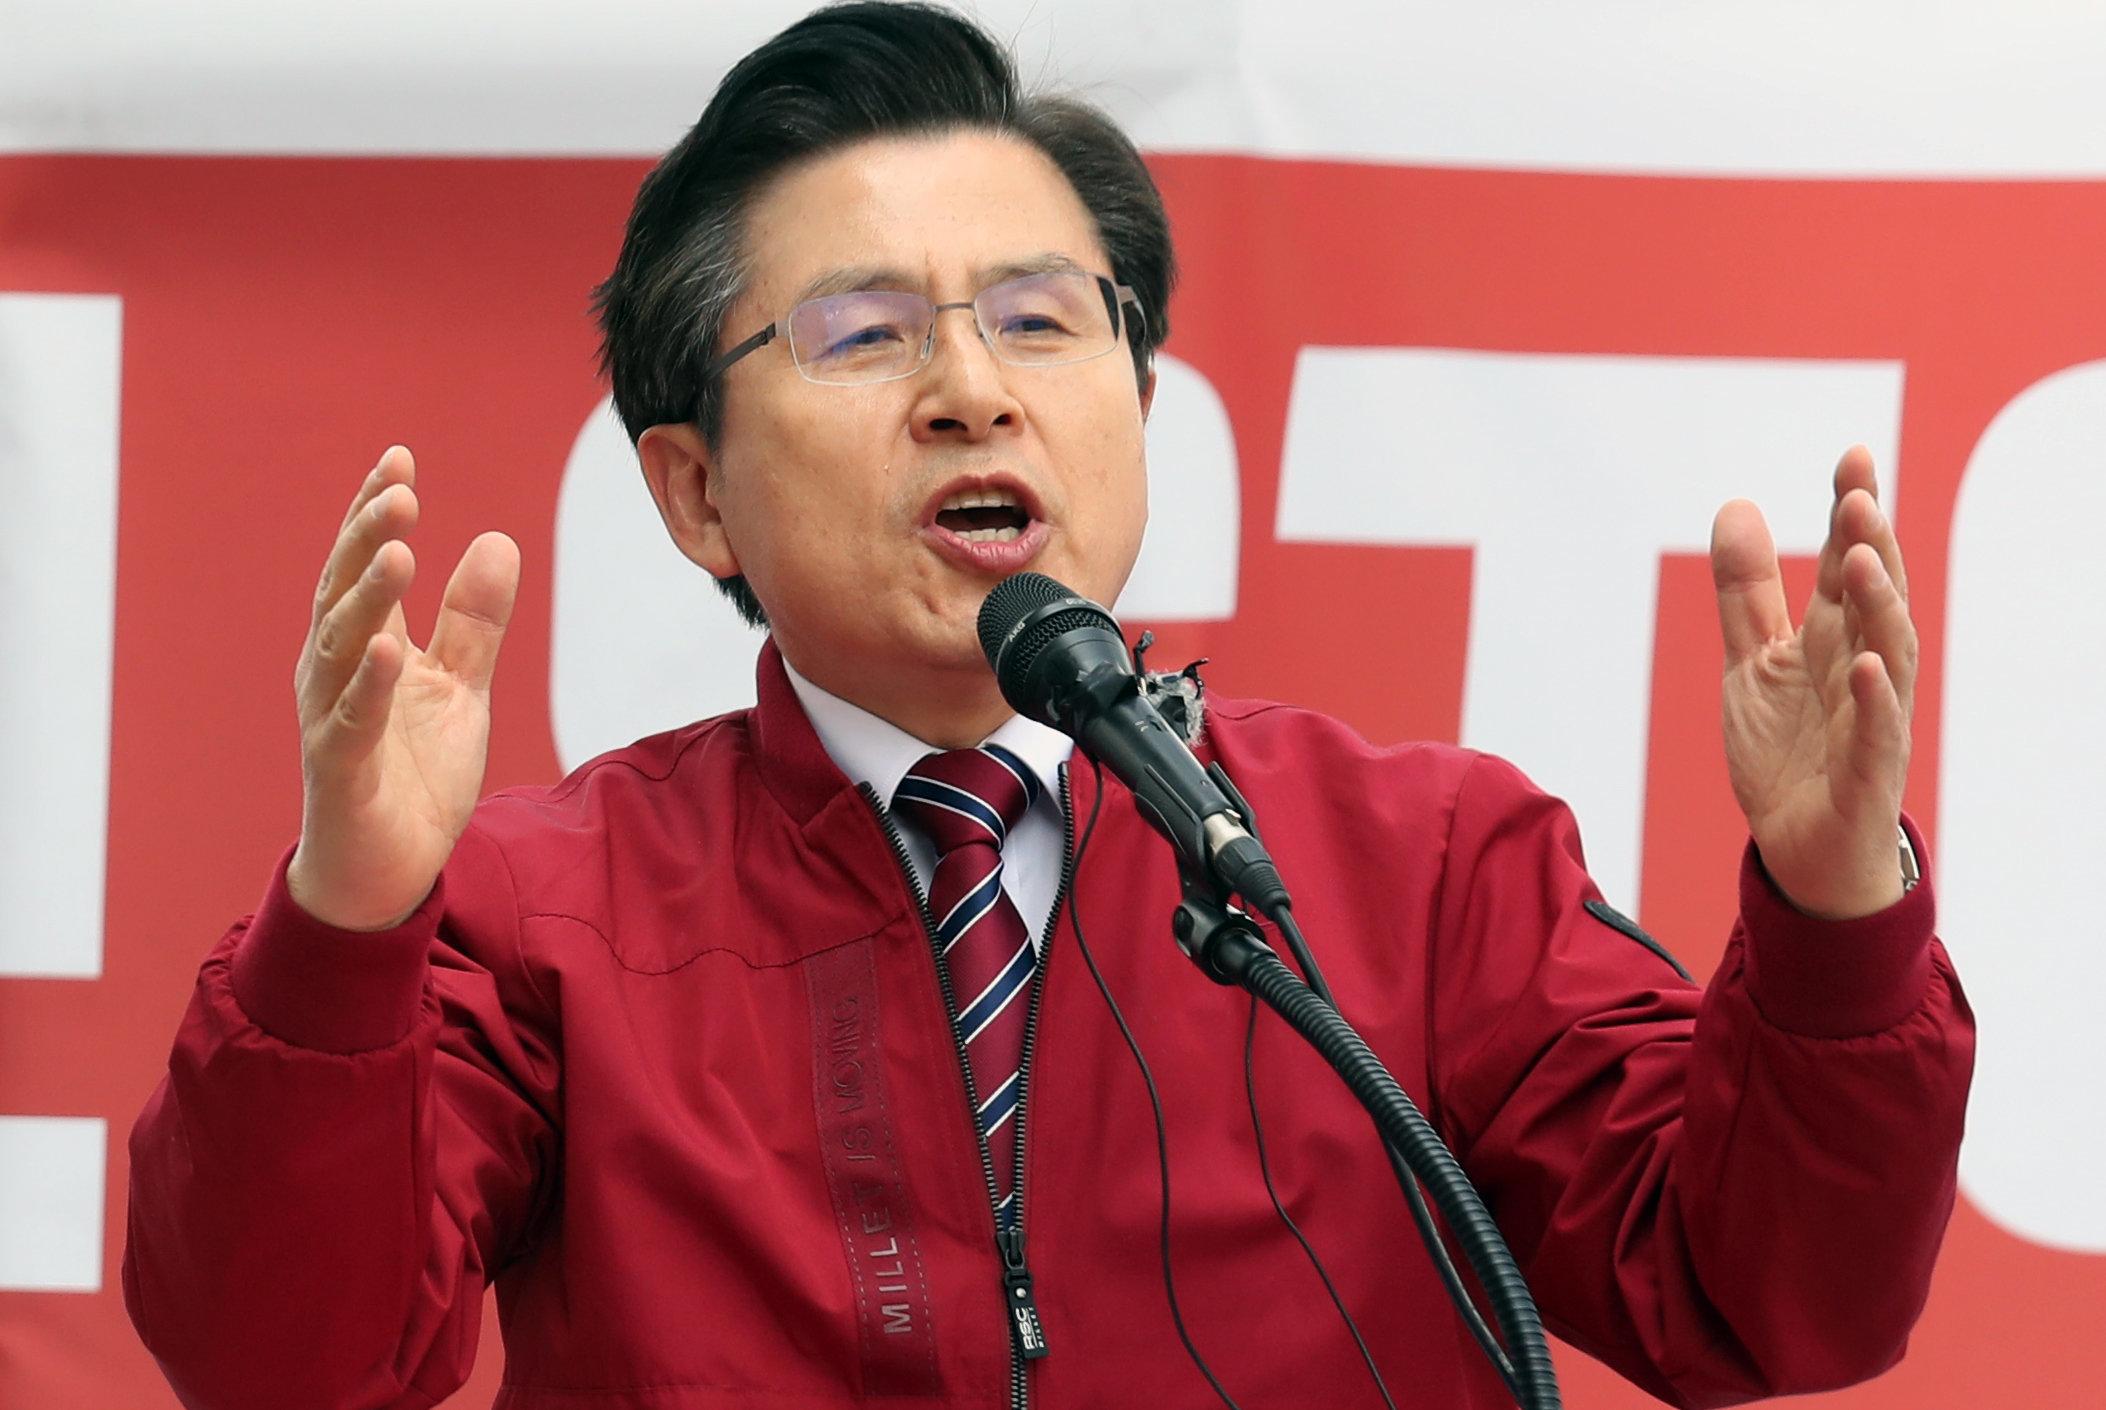 황교안 자유한국당 대표가 20일 오후 서울 종로구 세종문화회관 앞에서 열린 '문재인 정권의 국정운영 규탄 장외 집회'에서 연설을 하고